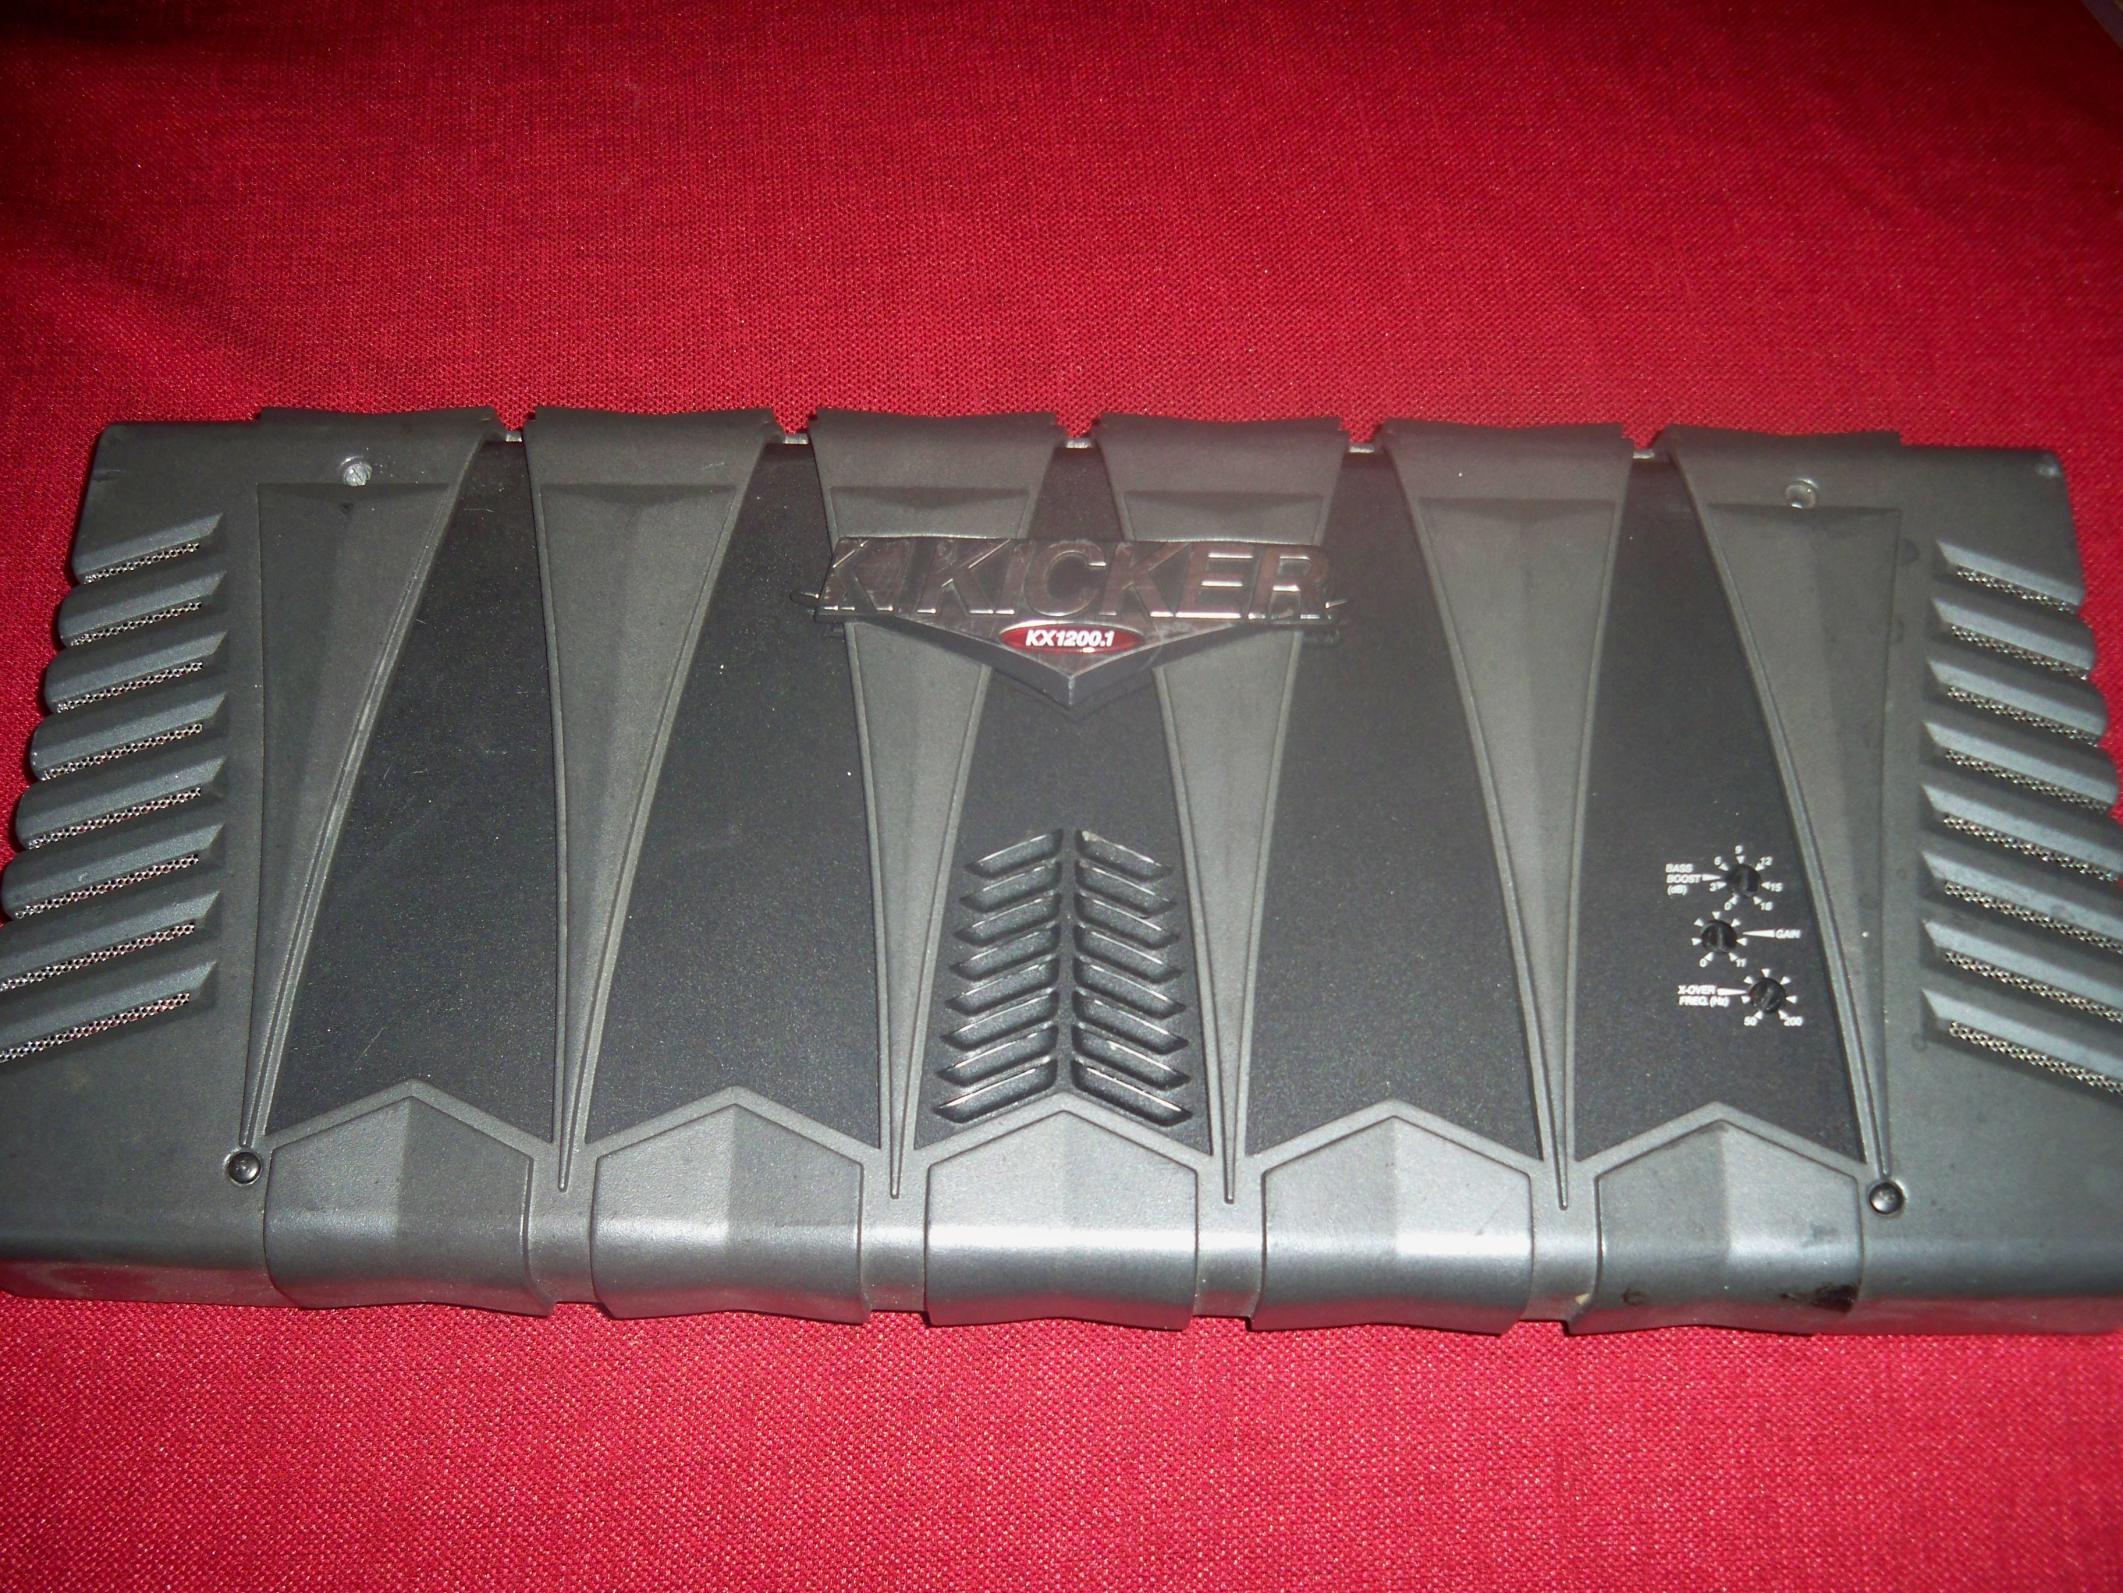 Kx1200 1 kicker amp